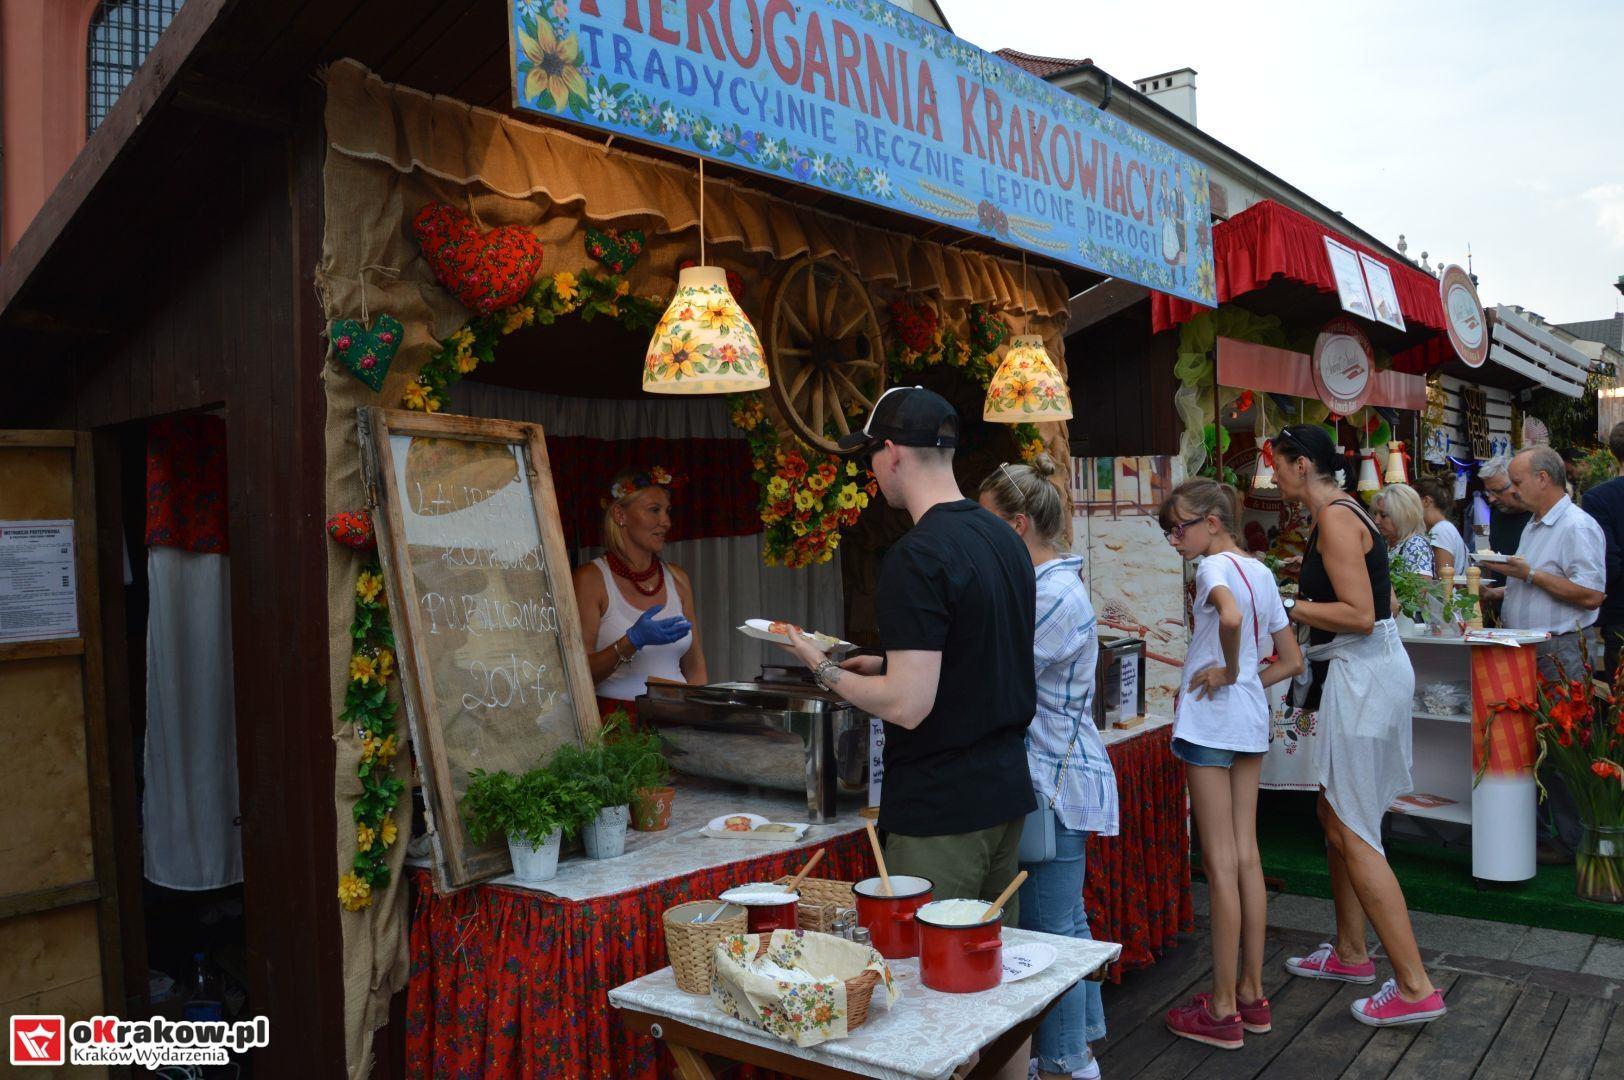 krakow festiwal pierogow maly rynek koncert cheap tobacco 9 150x150 - Galeria zdjęć Festiwal Pierogów Kraków 2018 + zdjęcia z koncertu Cheap Tobacco